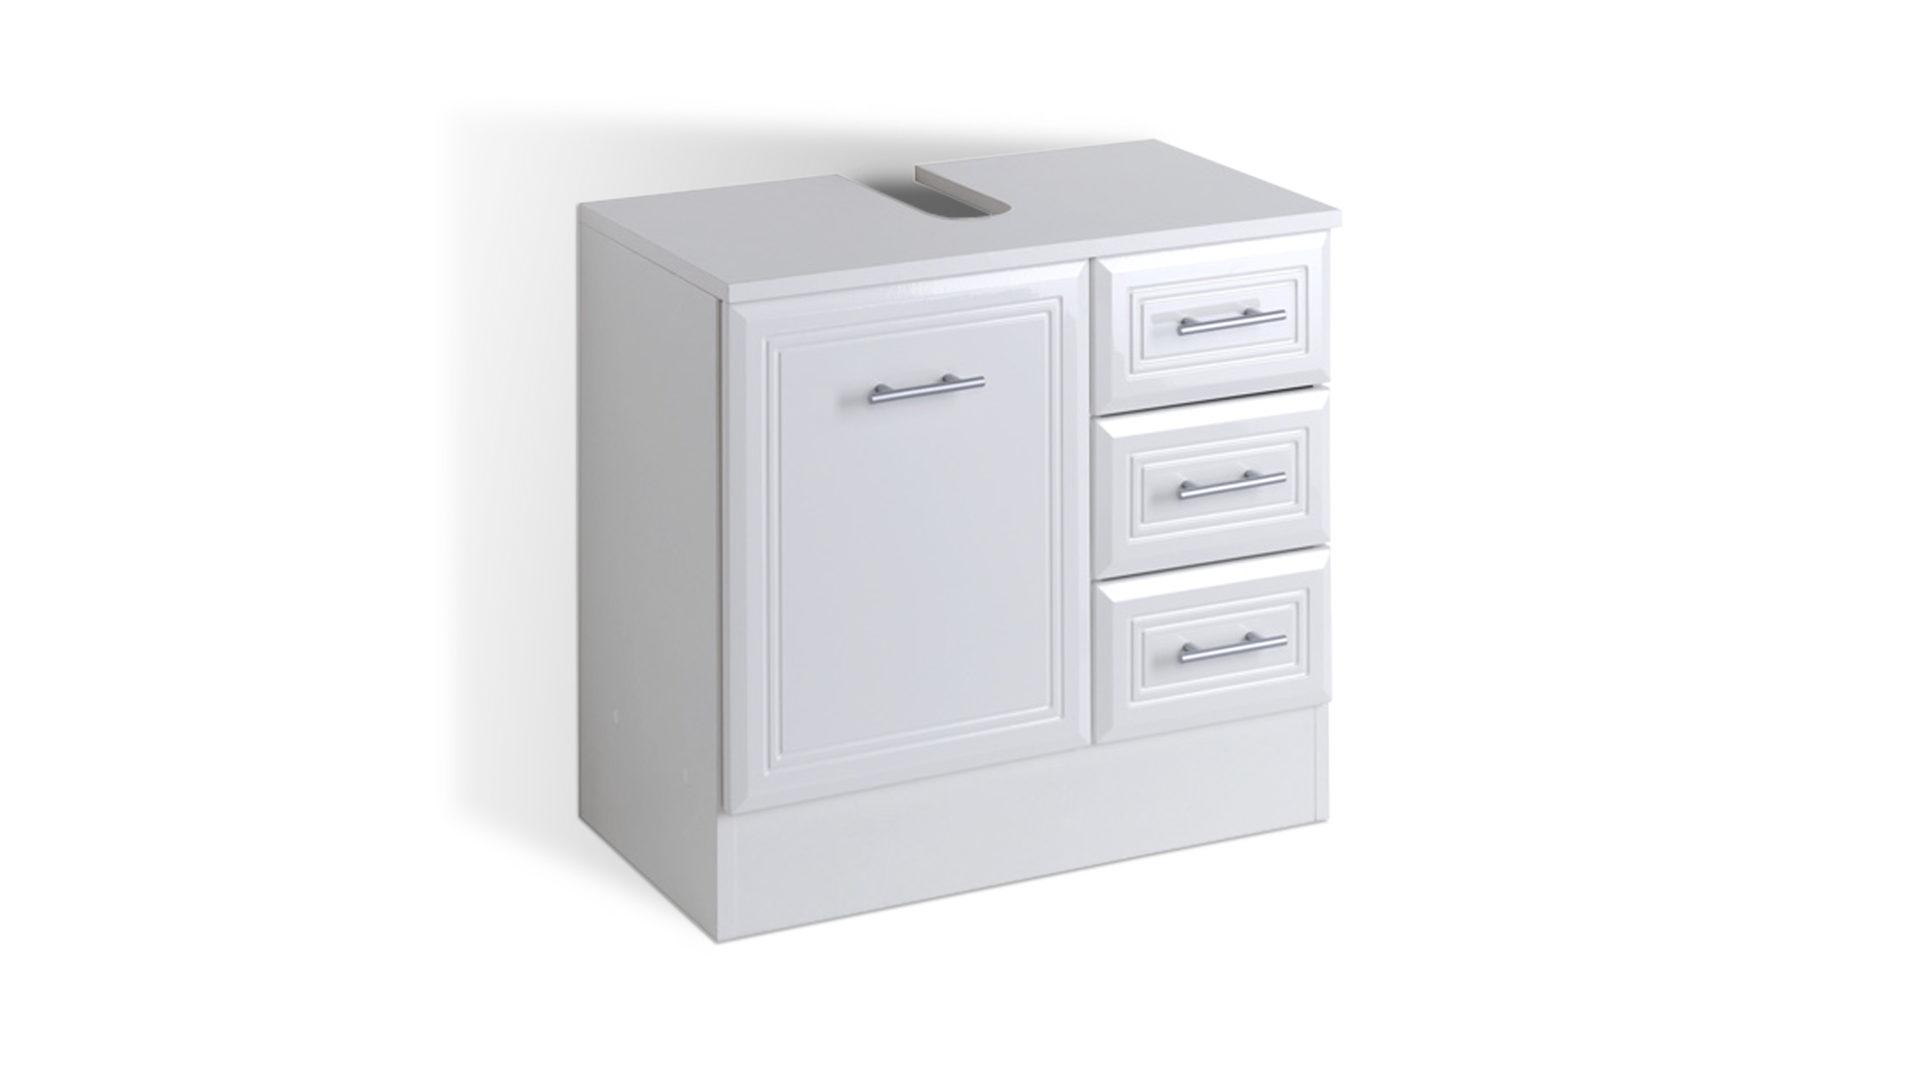 moderne badezimmermobel holz, waschbeckenunterschrank neapel als badezimmermöbel , weiße, bad, Design ideen